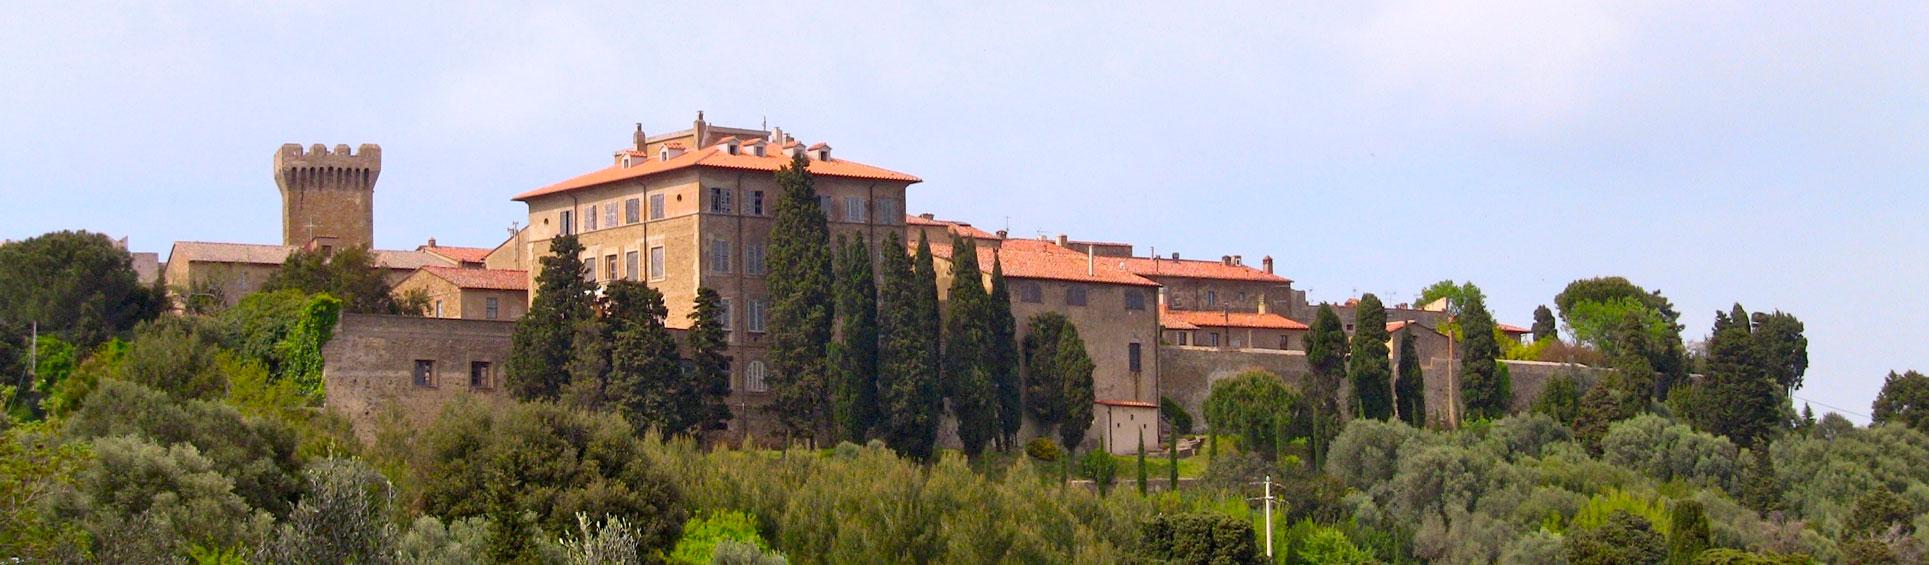 Vacanze Villaggio Toscana